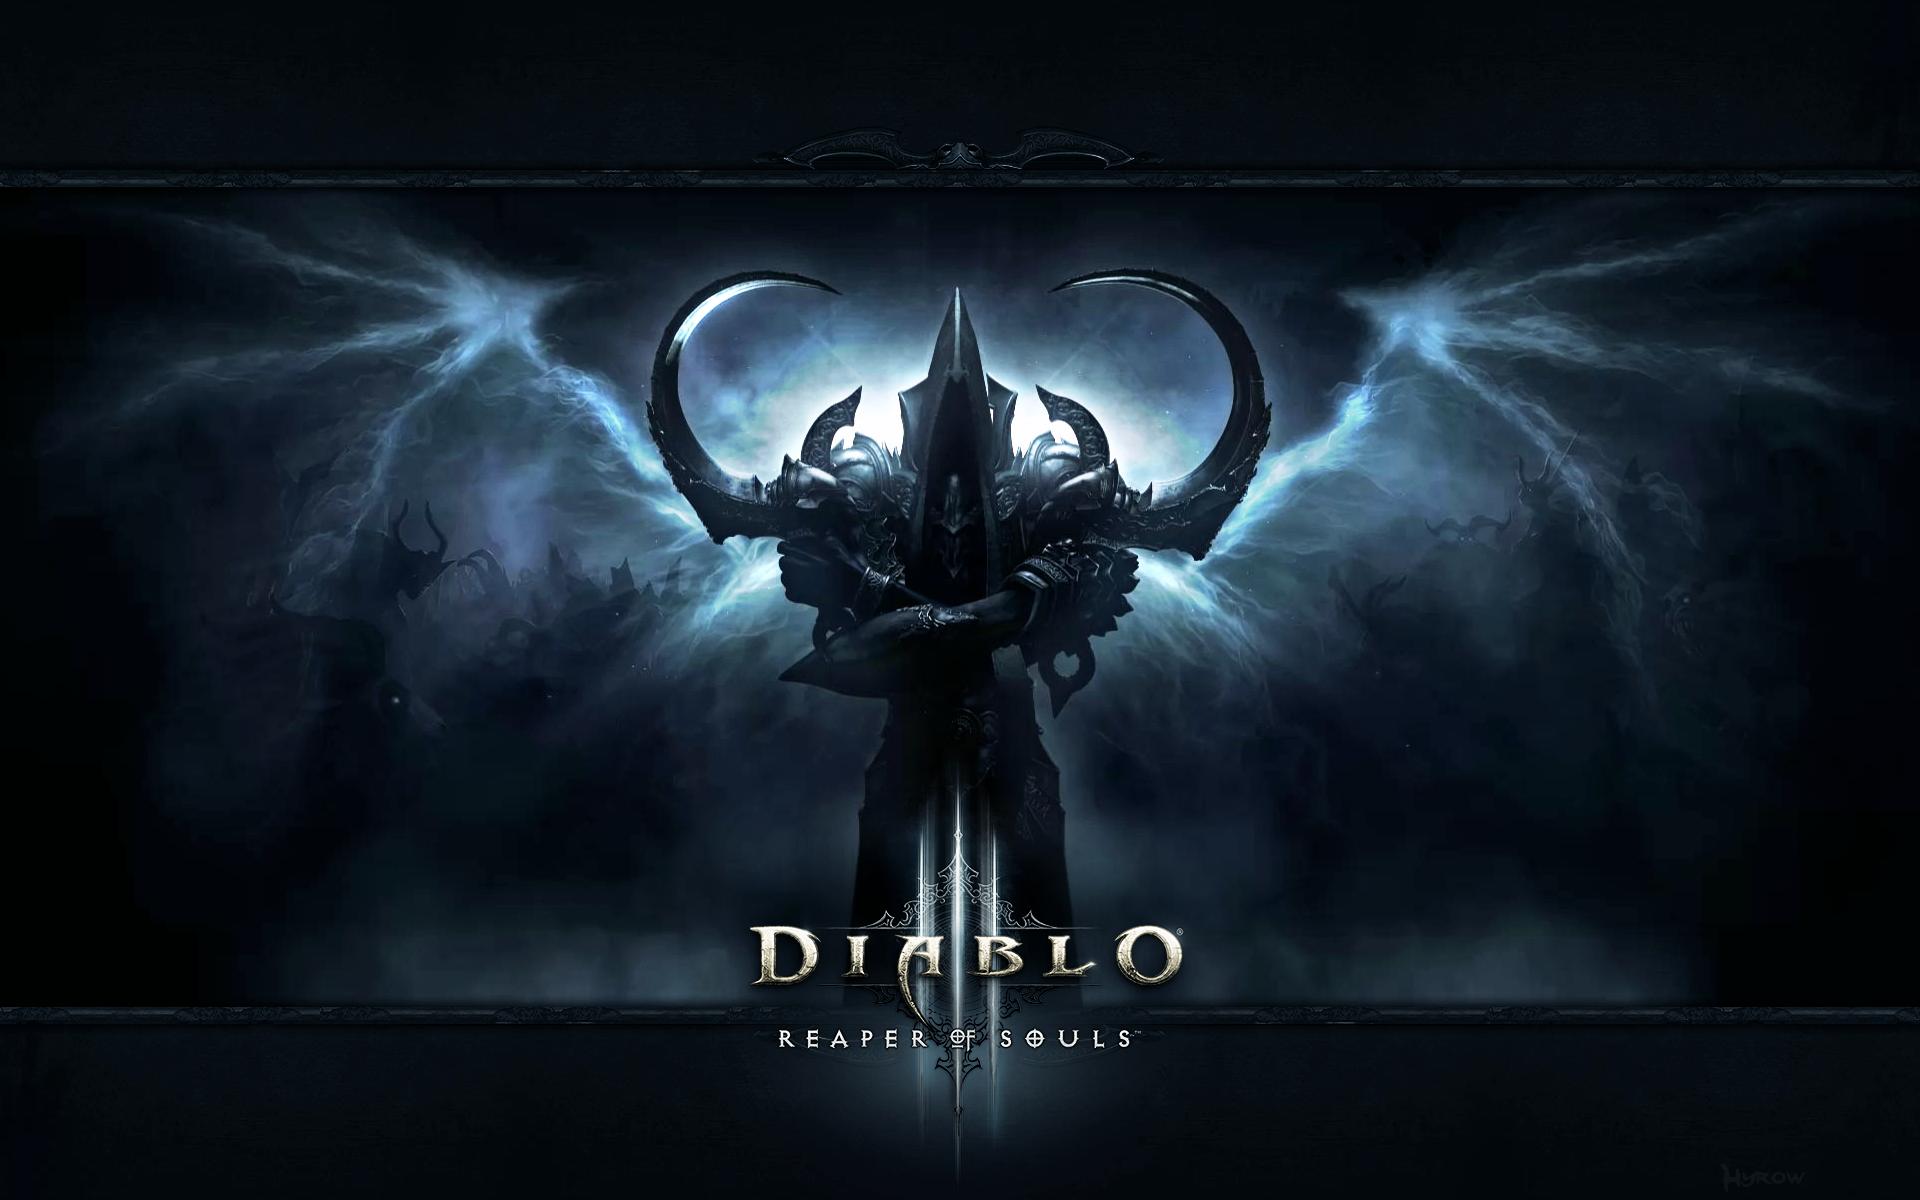 36 Diablo III: Reaper Of Souls HD Wallpapers | Backgrounds - Wallpaper Abyss